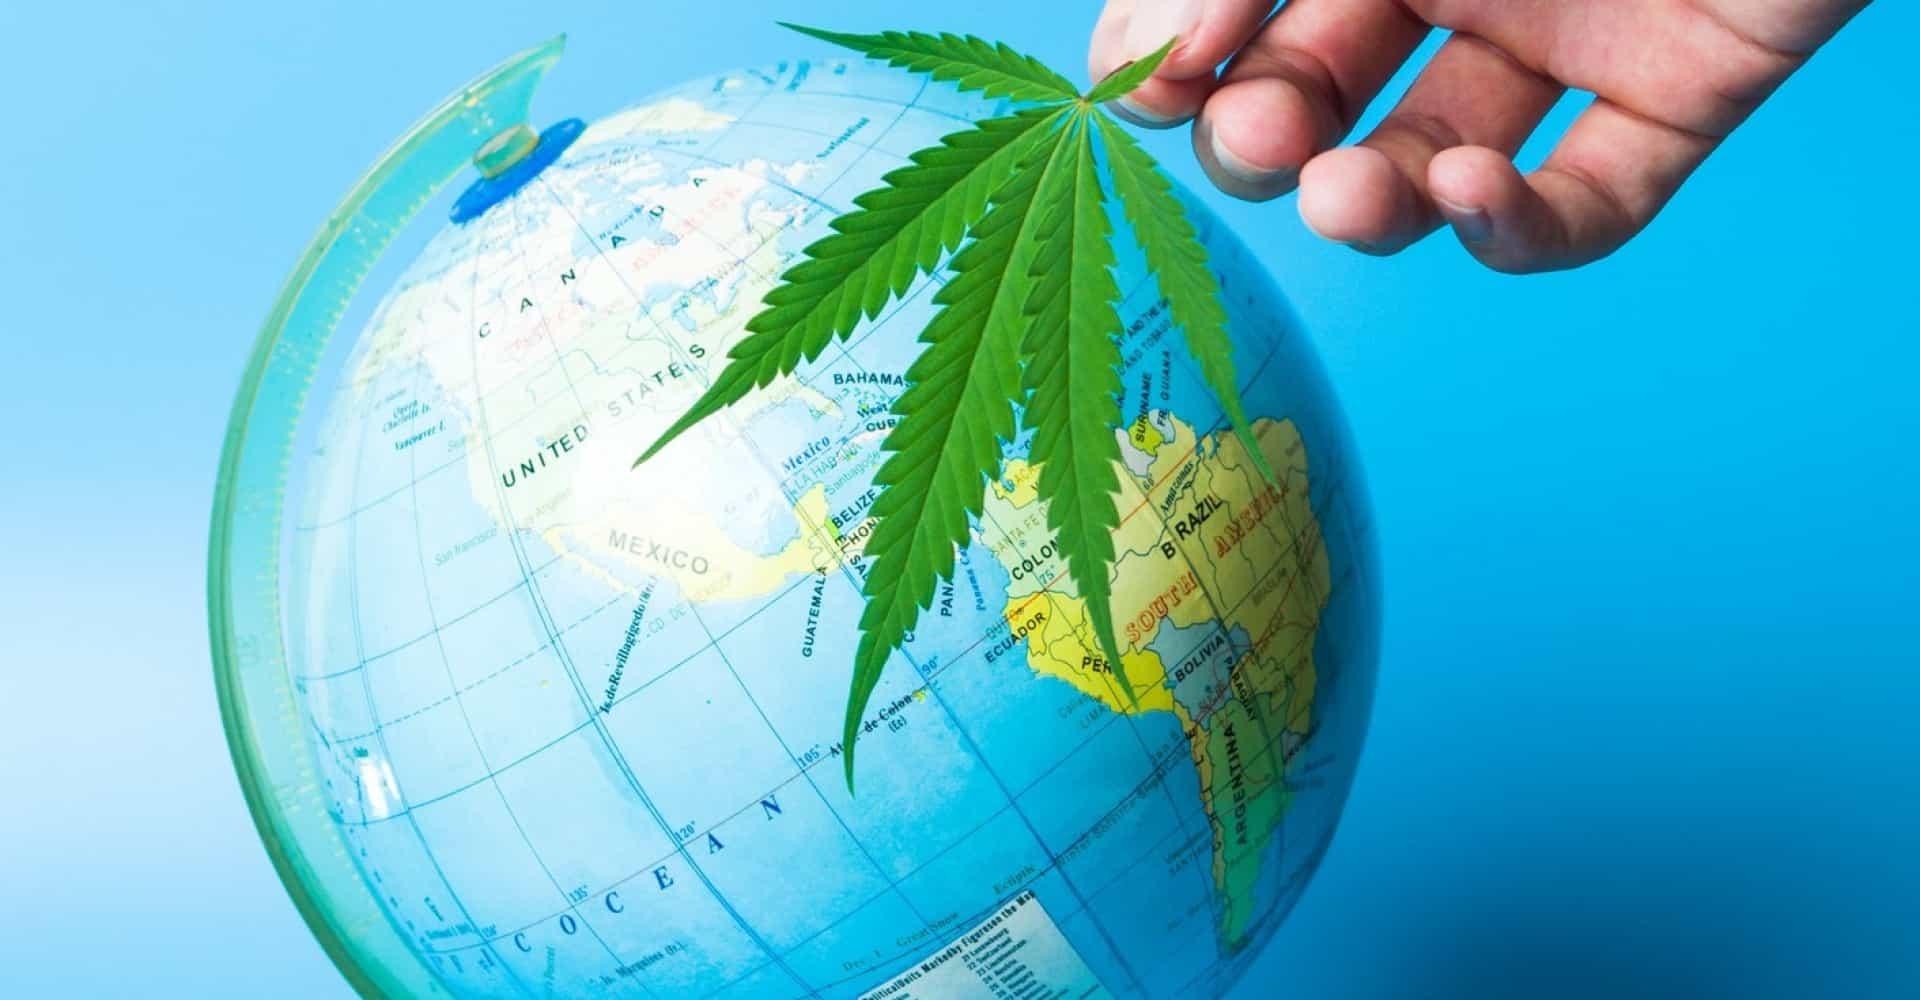 Coltivazione di cannabis: il mondo sta cambiando…e l'Italia?